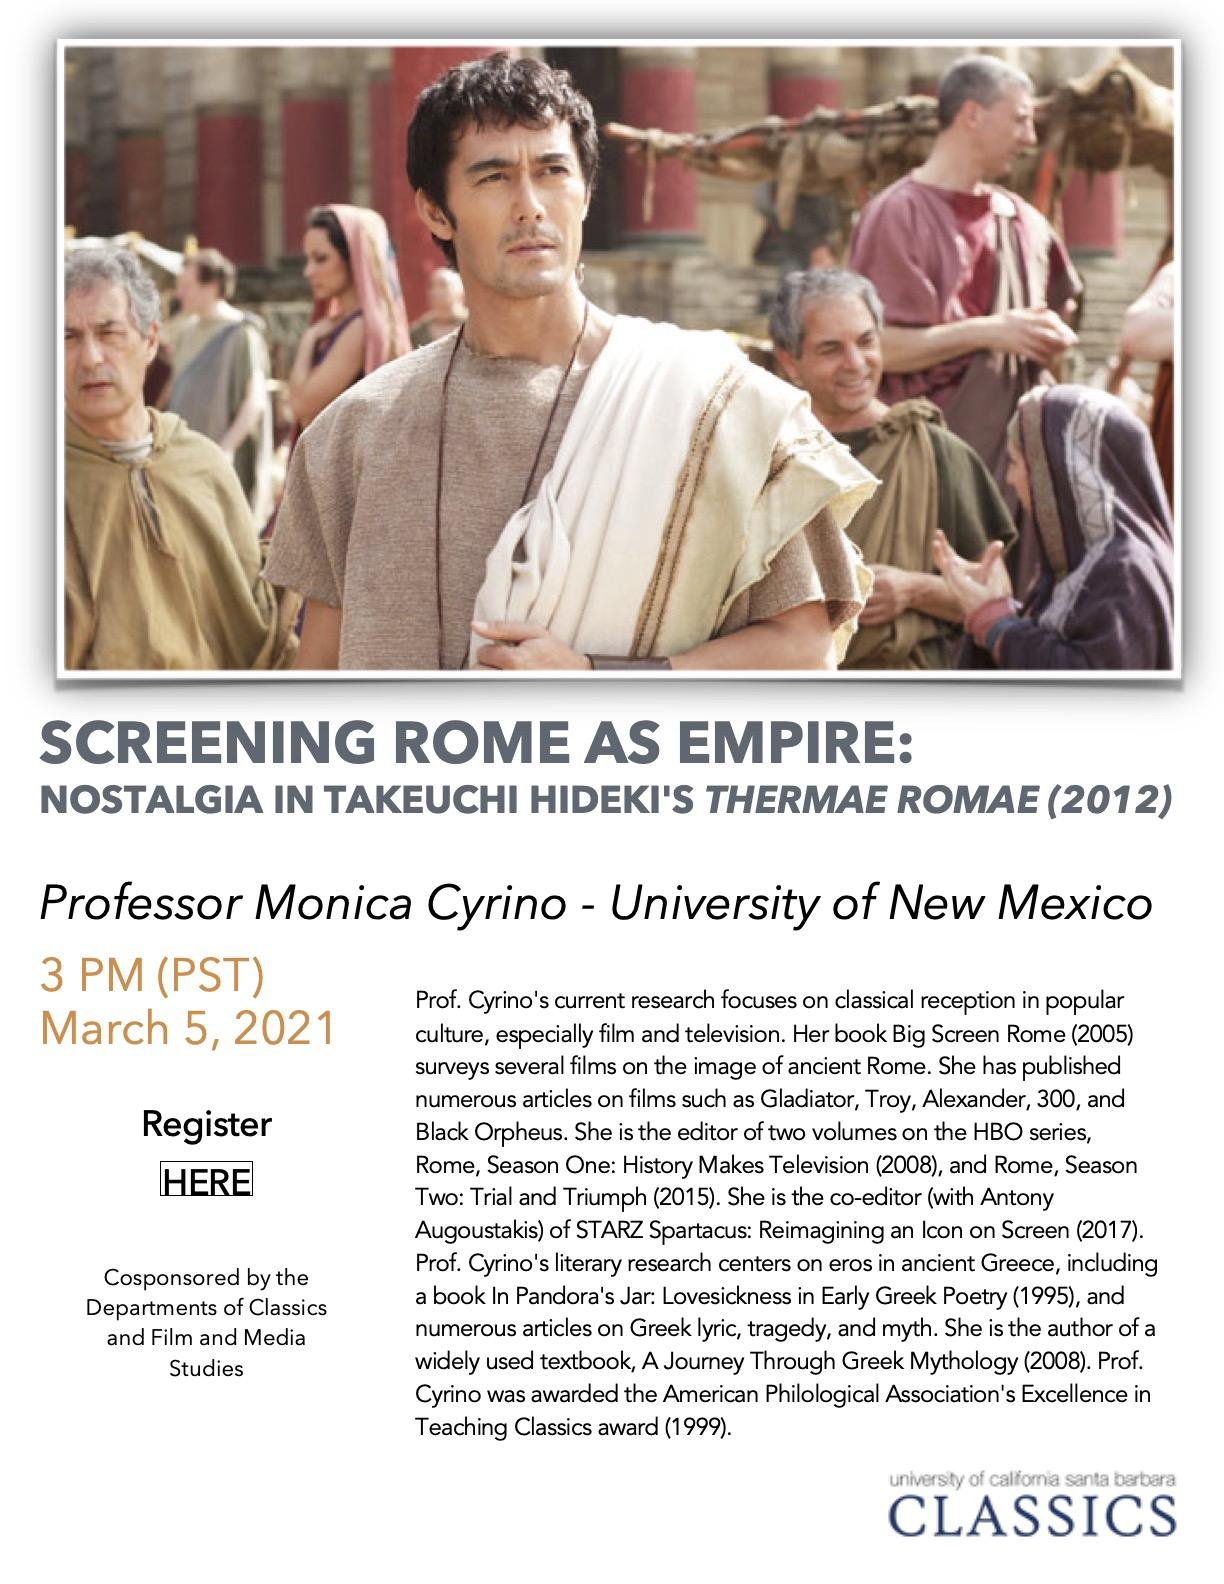 """Monica Cyrino (University of New Mexico): """"Screening Rome as Empire: Nostalgia in Takeuchi Hideki's 'Thermae Romae' (2012)"""""""